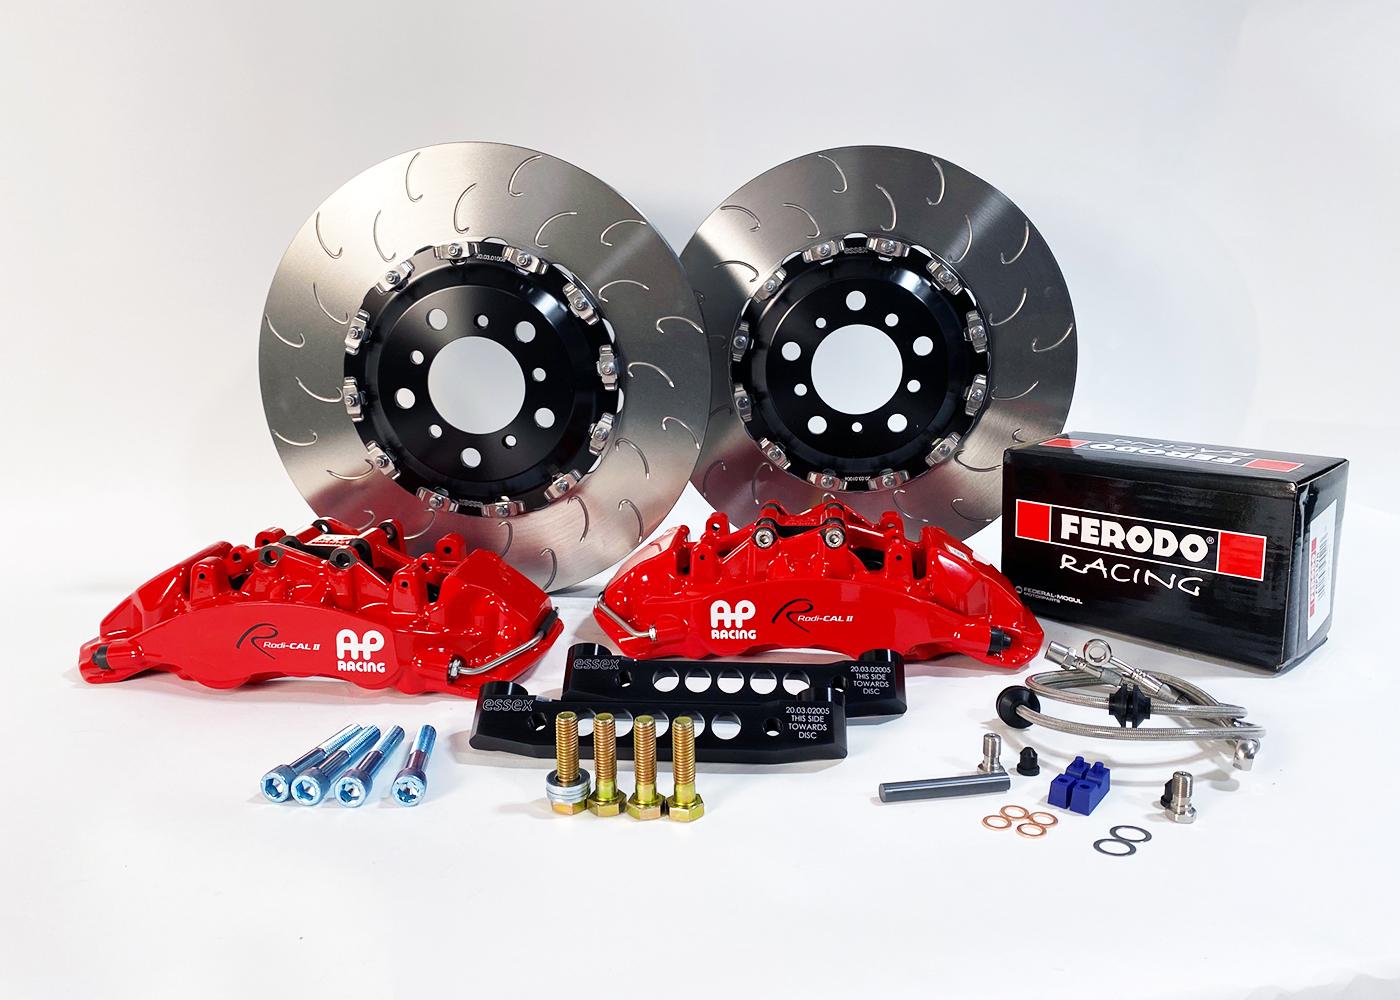 Ap Racing By Essex Road Brake Kit Front 9562 380mm Bmw E90 E92 E93 M3 1m Coupe Essex Parts Services Inc